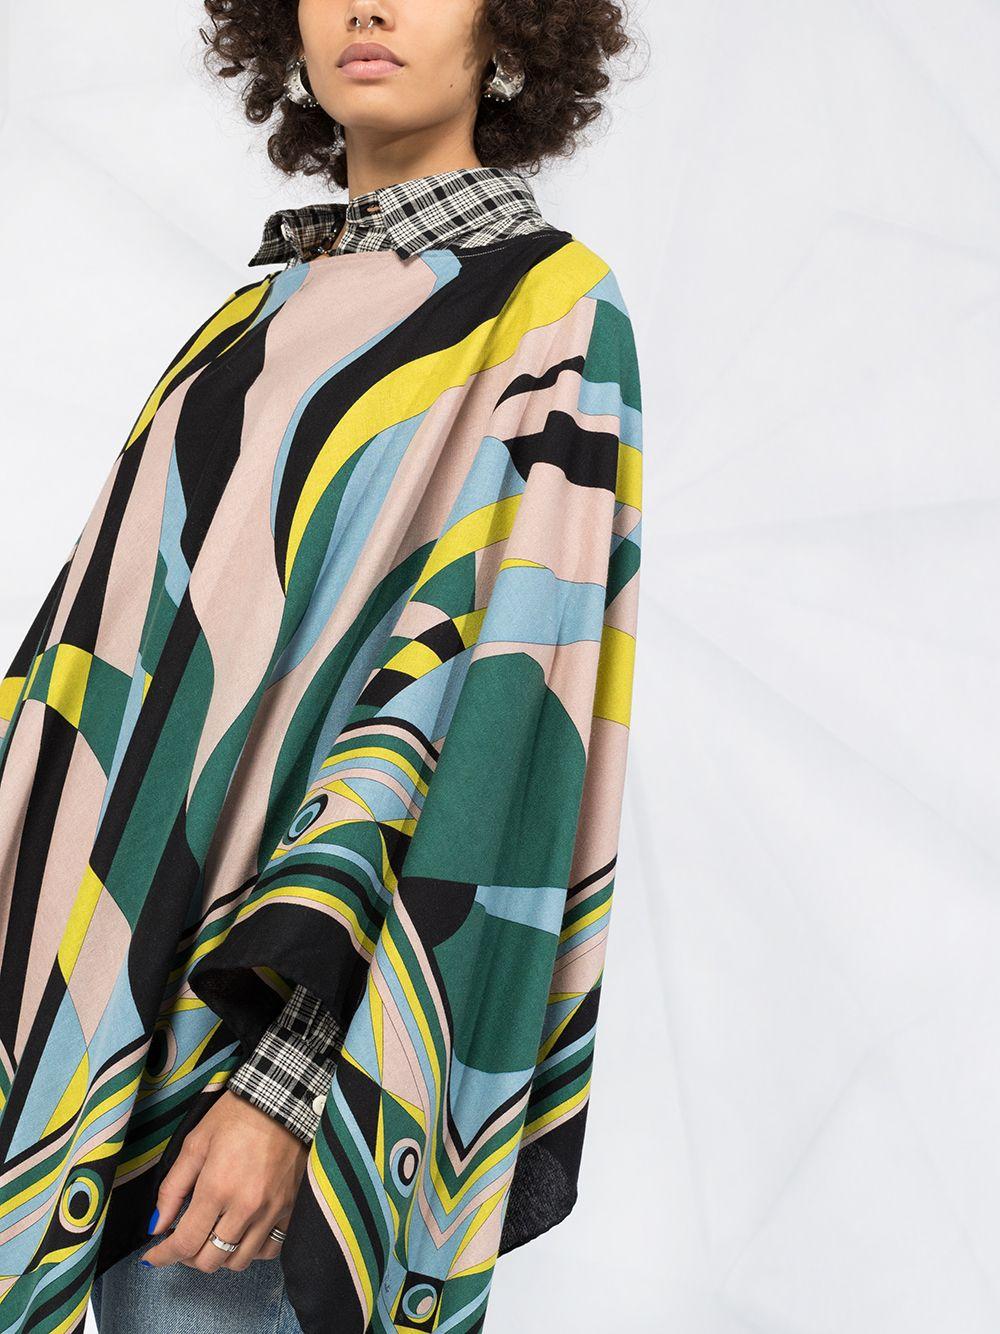 女款无袖真丝抽象彩色印花图案斗篷